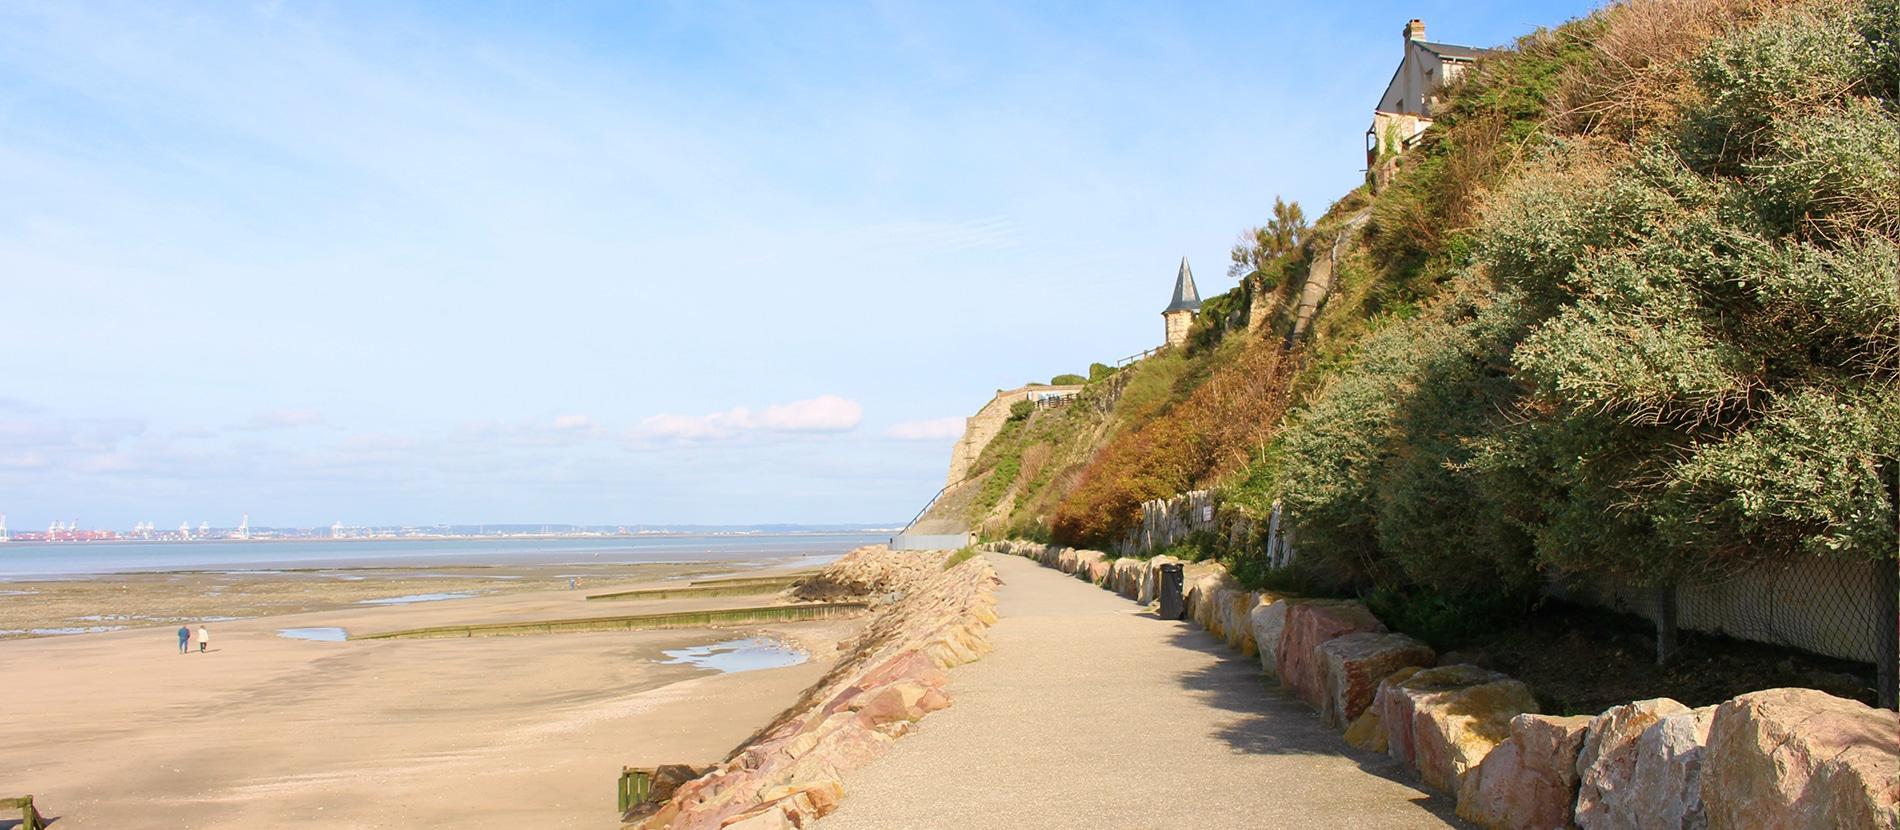 Balade sur la plage de Villerville dans le Calvados en Normandie